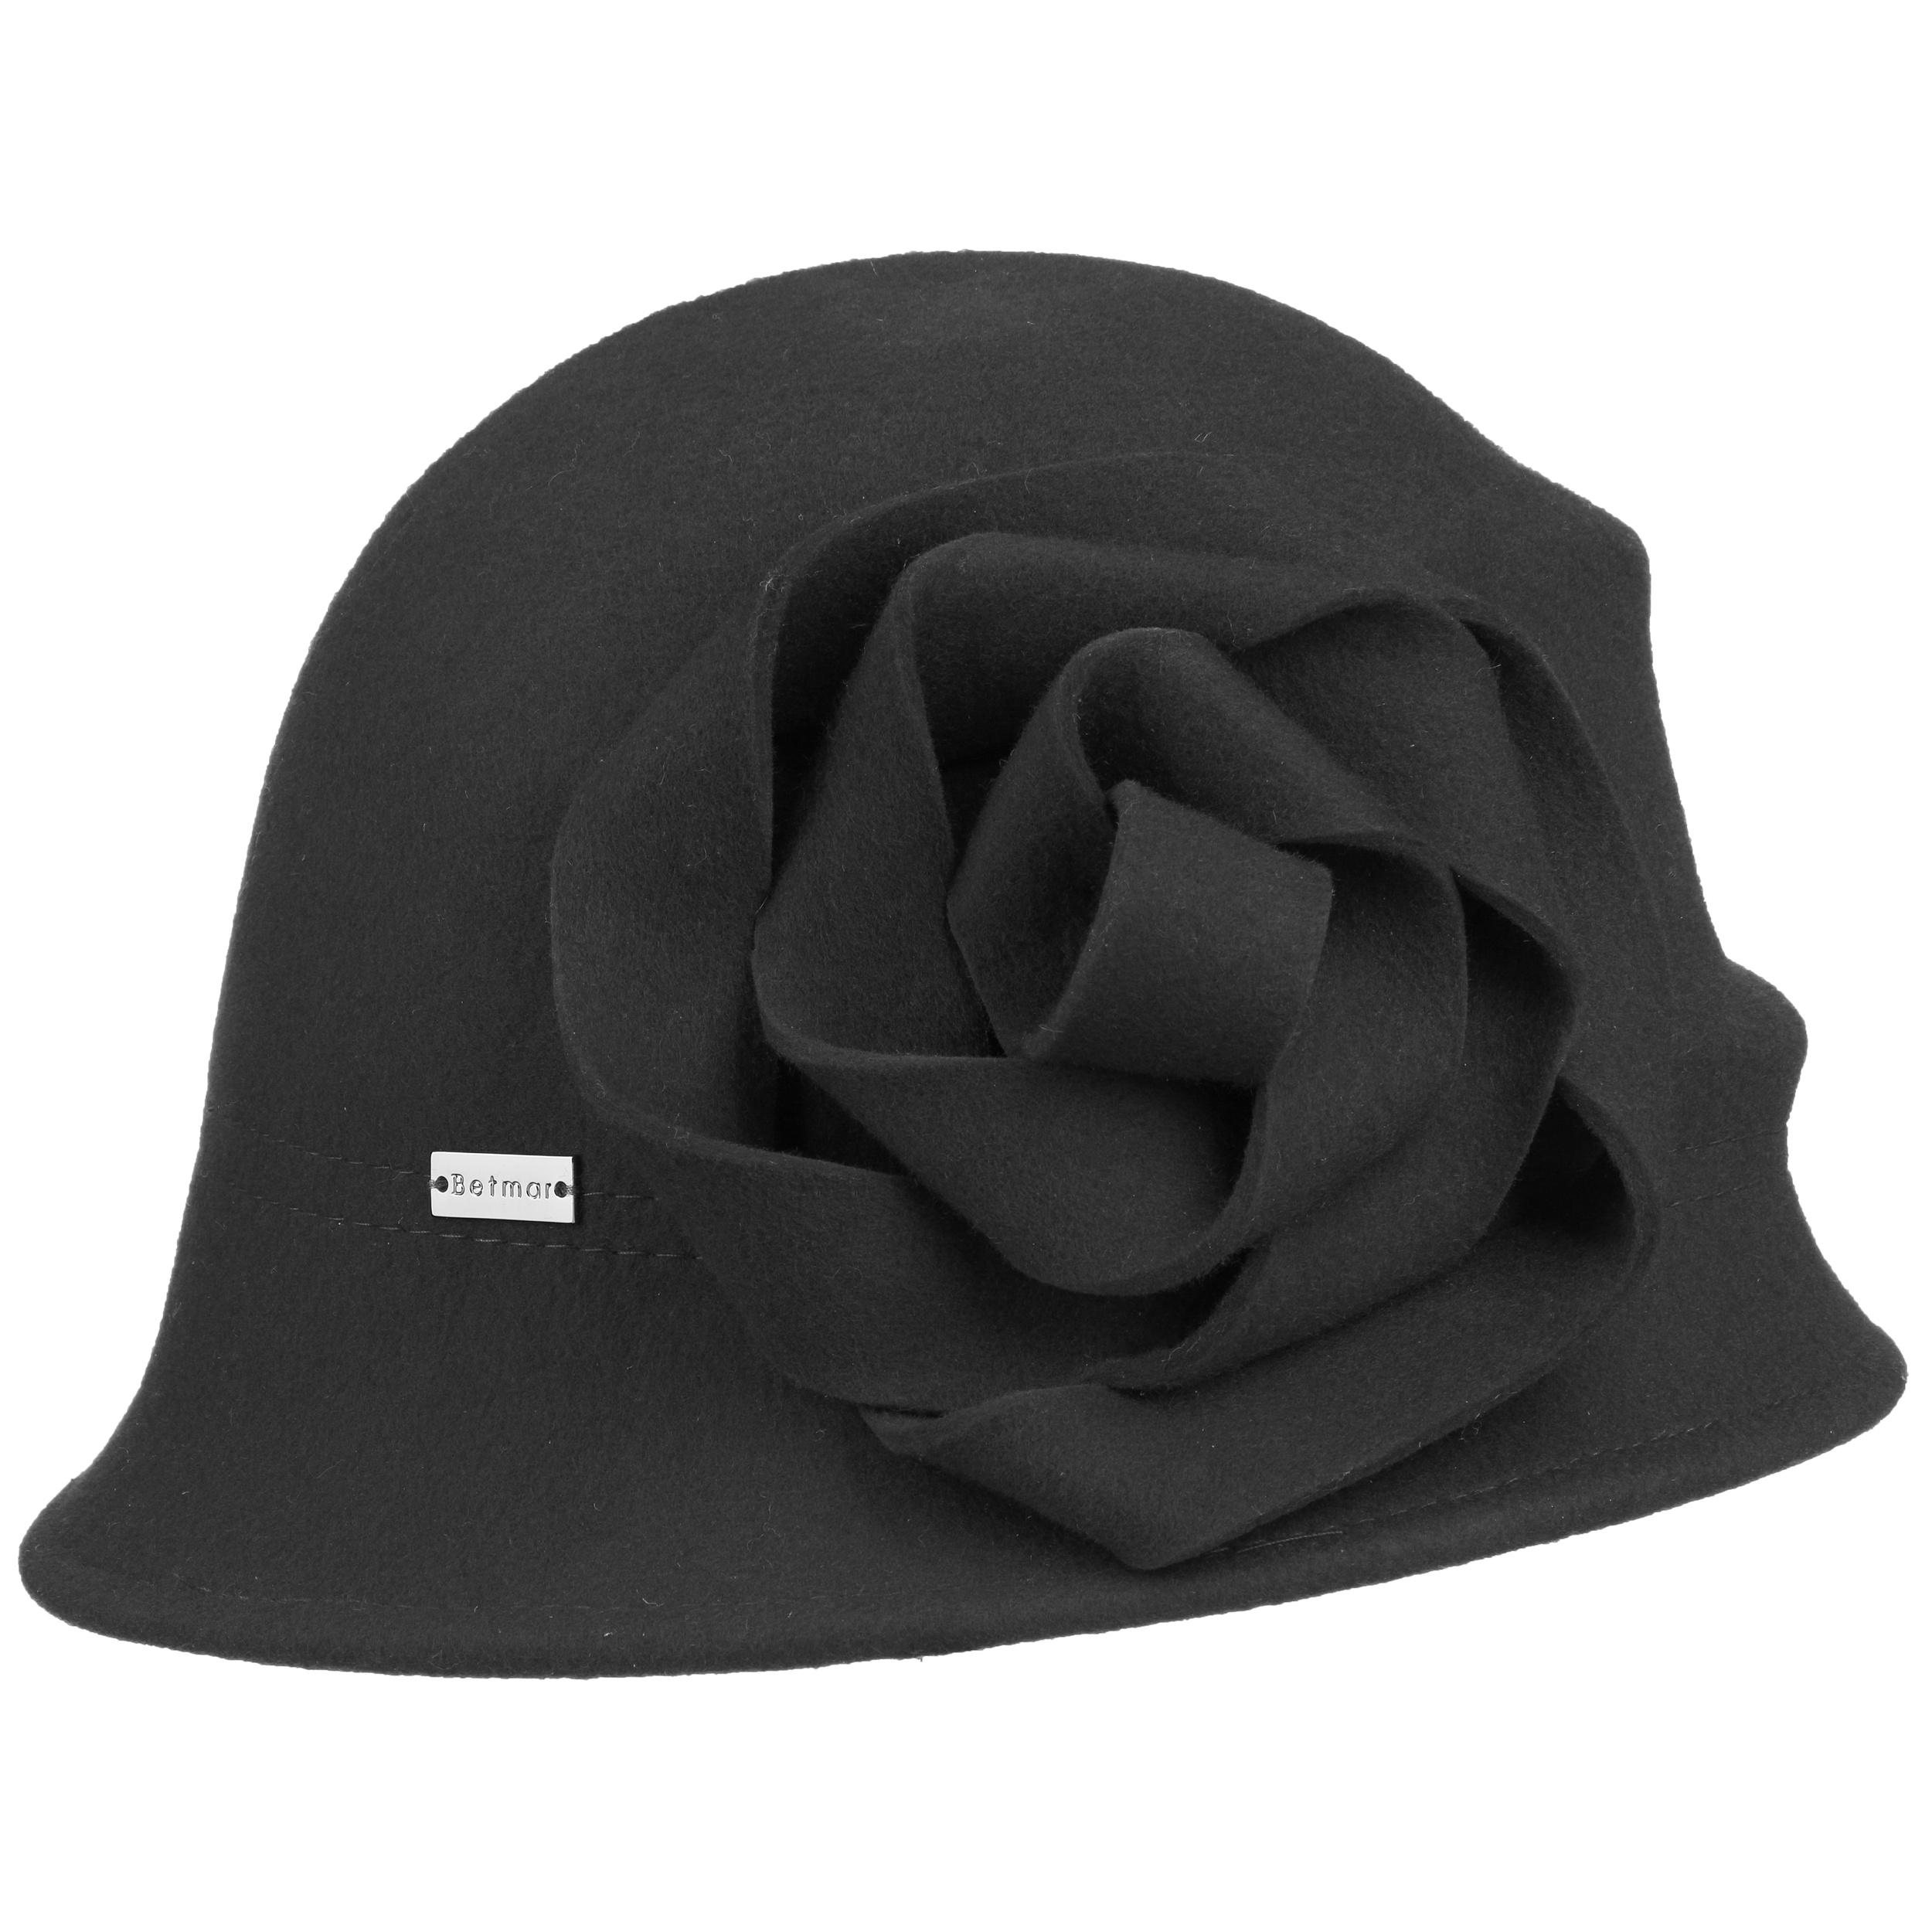 Sombrero Cloché Alexandrite by Betmar - Sombreros - sombreroshop.es 8397d67f783